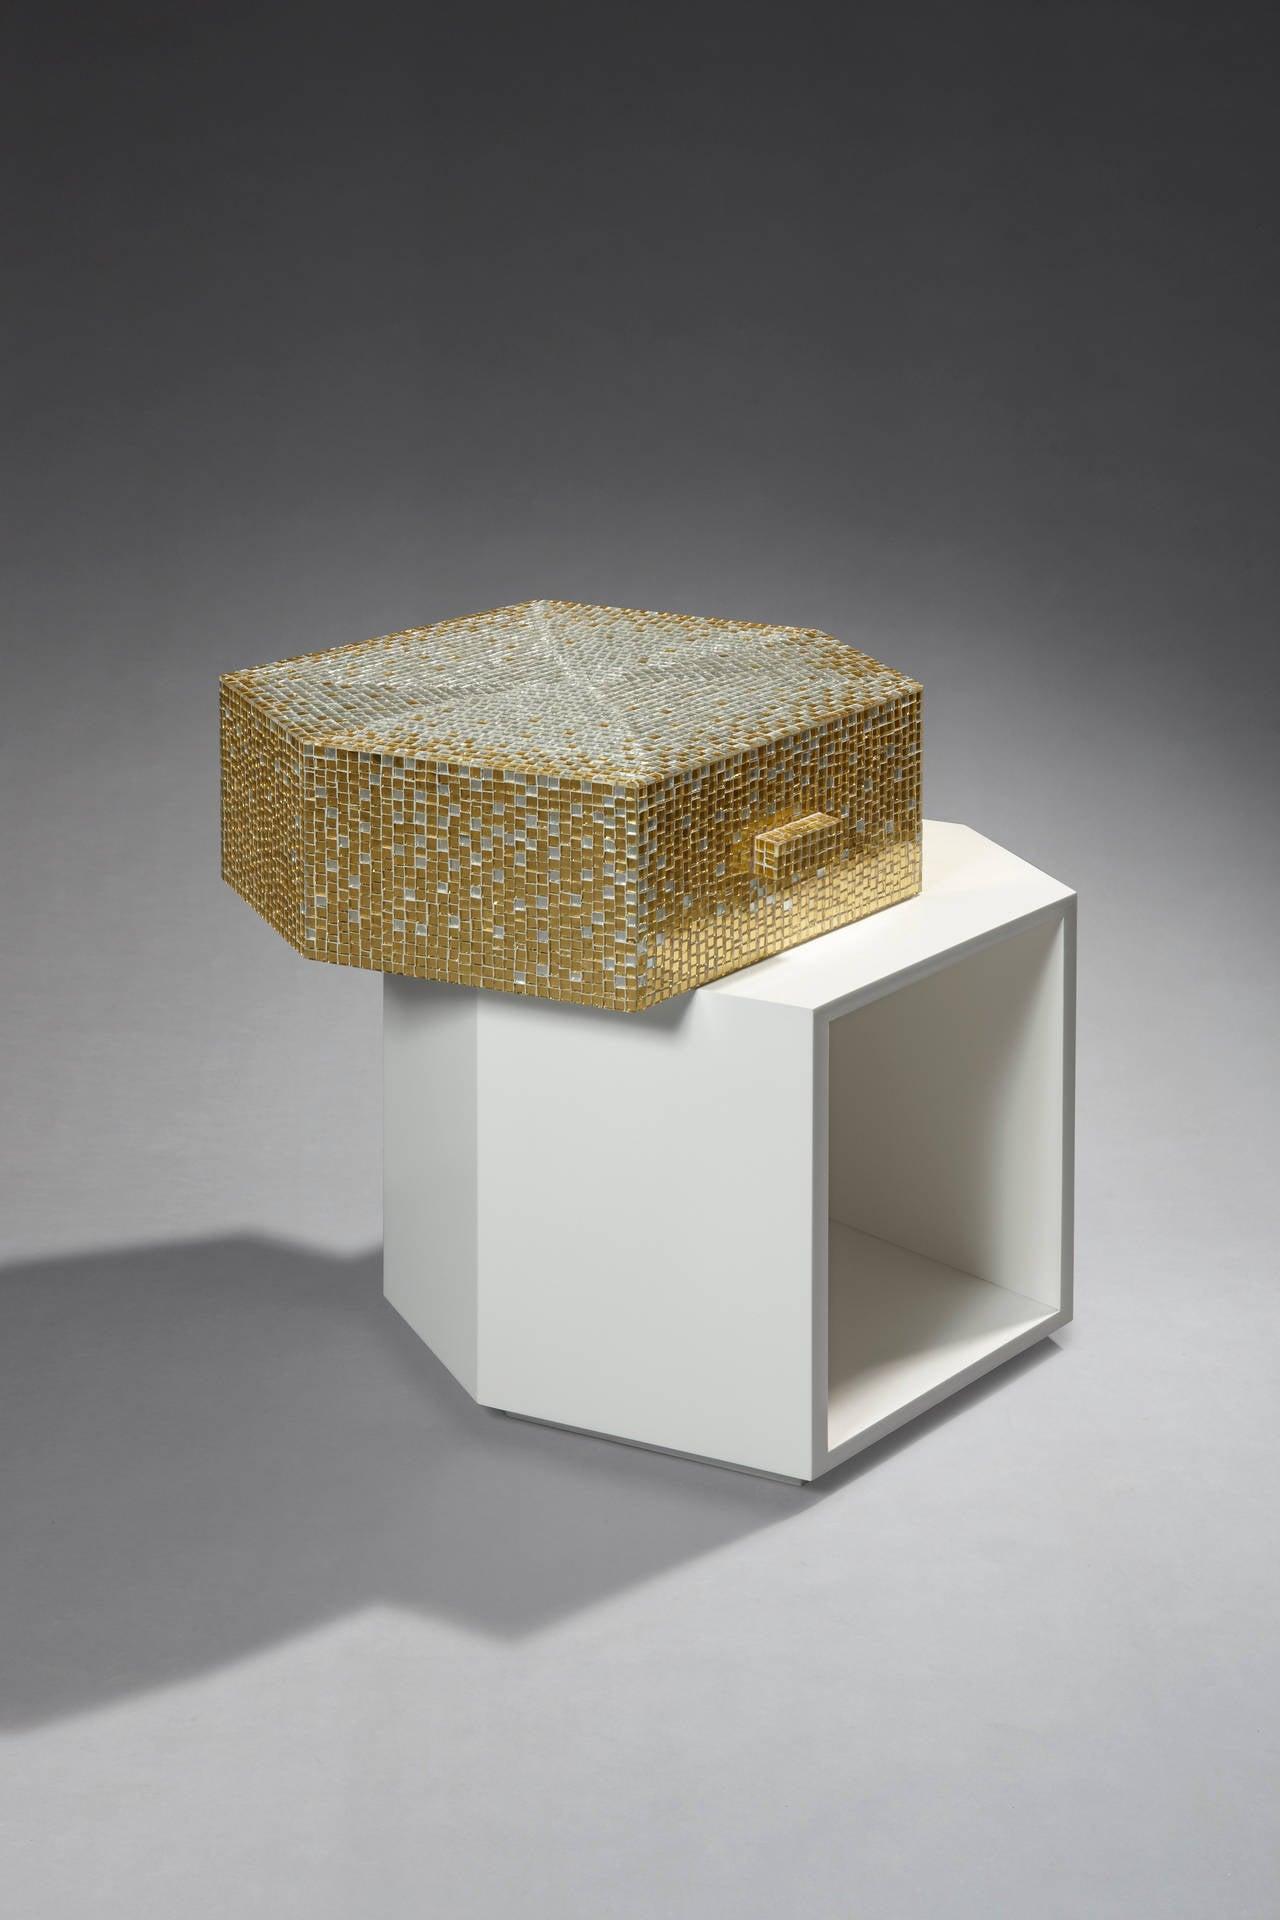 Bijou Side Table by Mattia Bonetti. In stock 5